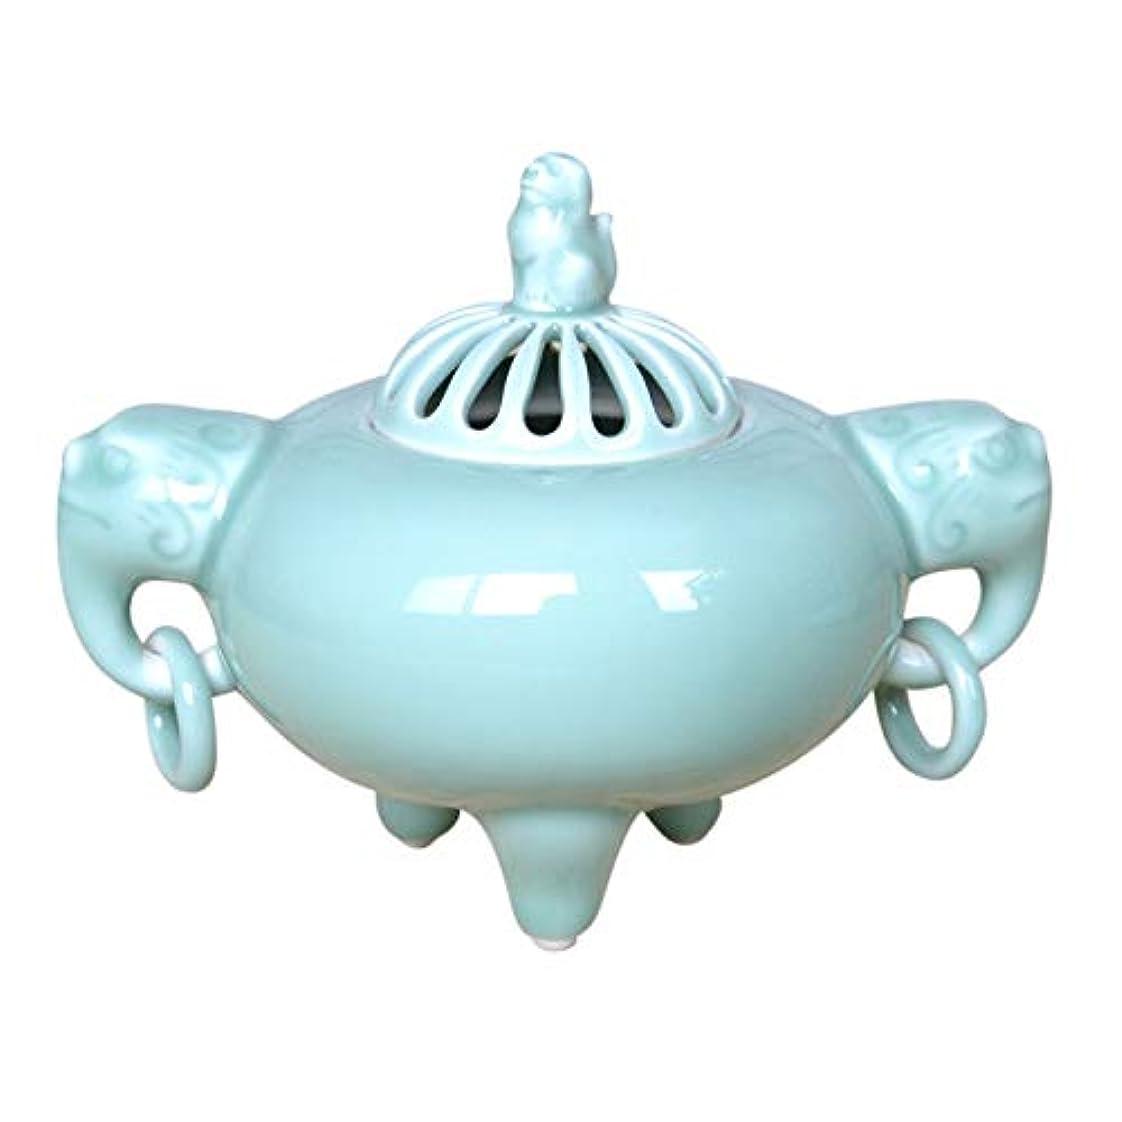 うまイベントひいきにする有田焼 青磁丸中遊環 香炉(木箱付)【サイズ】高さ12.2cm